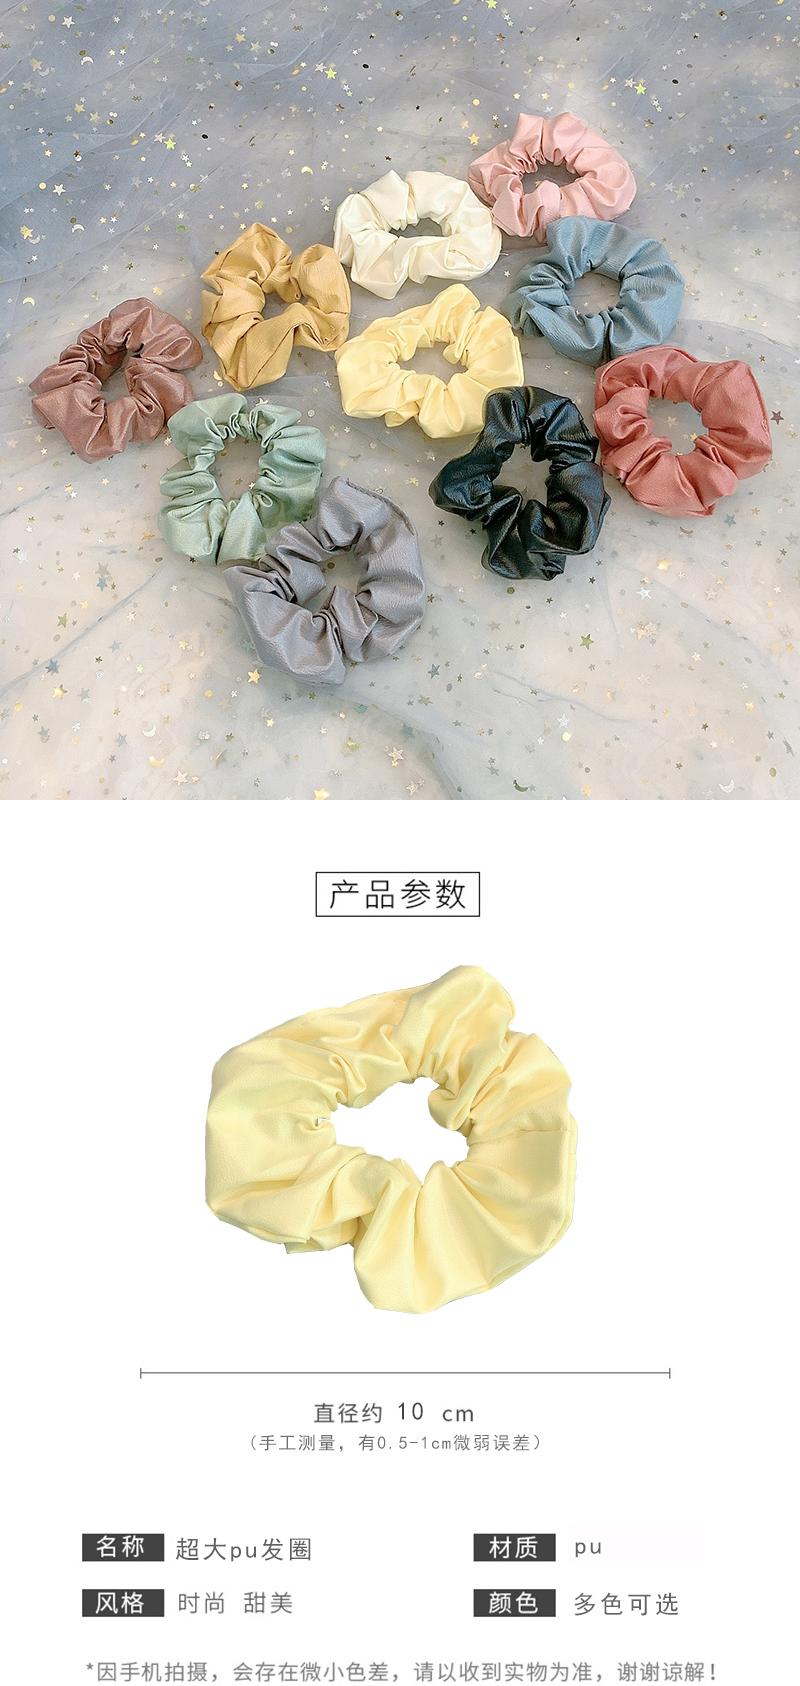 Cuerda de pelo coreano femenino de intestino grueso retro simple albóndiga pelo círculo piel cabeza cuerda cuerda accesorios para el cabello NHOF197028